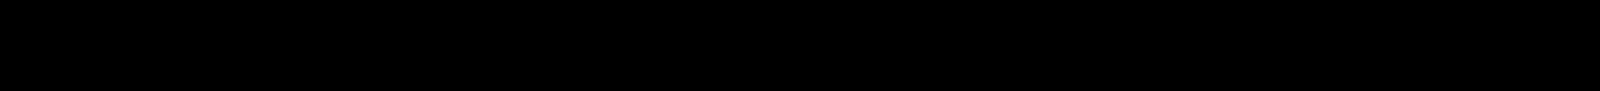 horizontaldivider